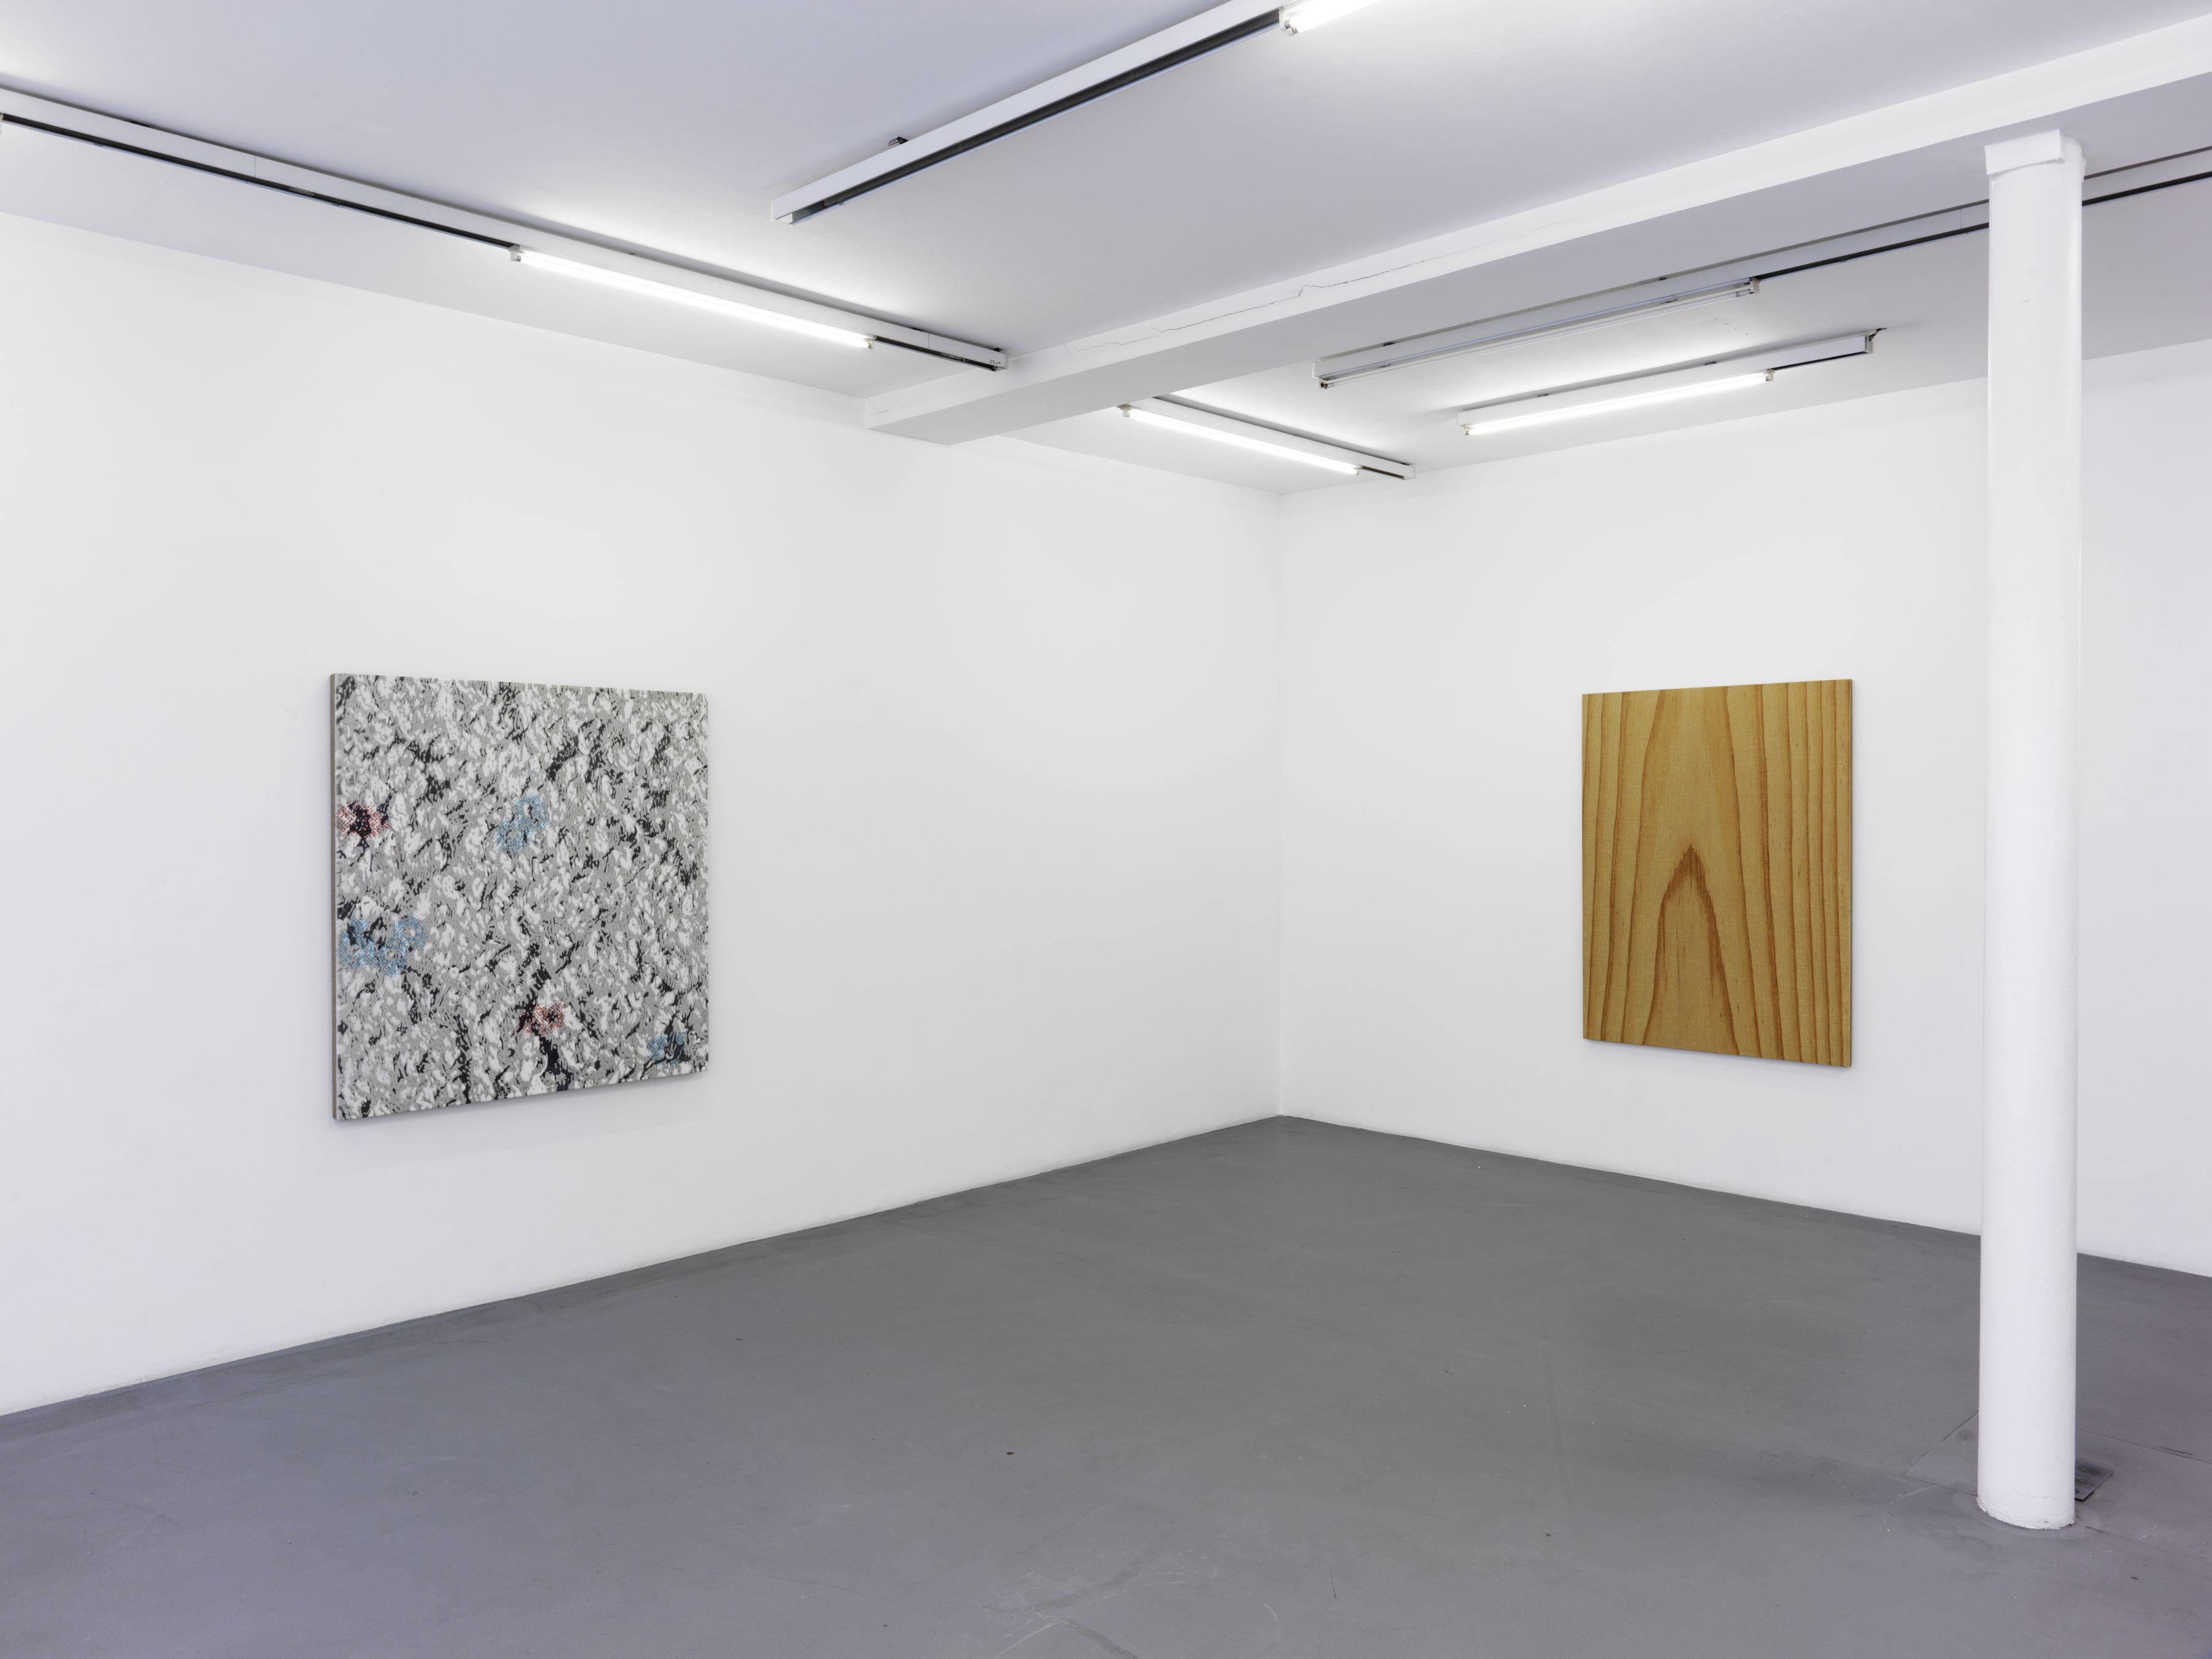 Alex Hay – installation view 1